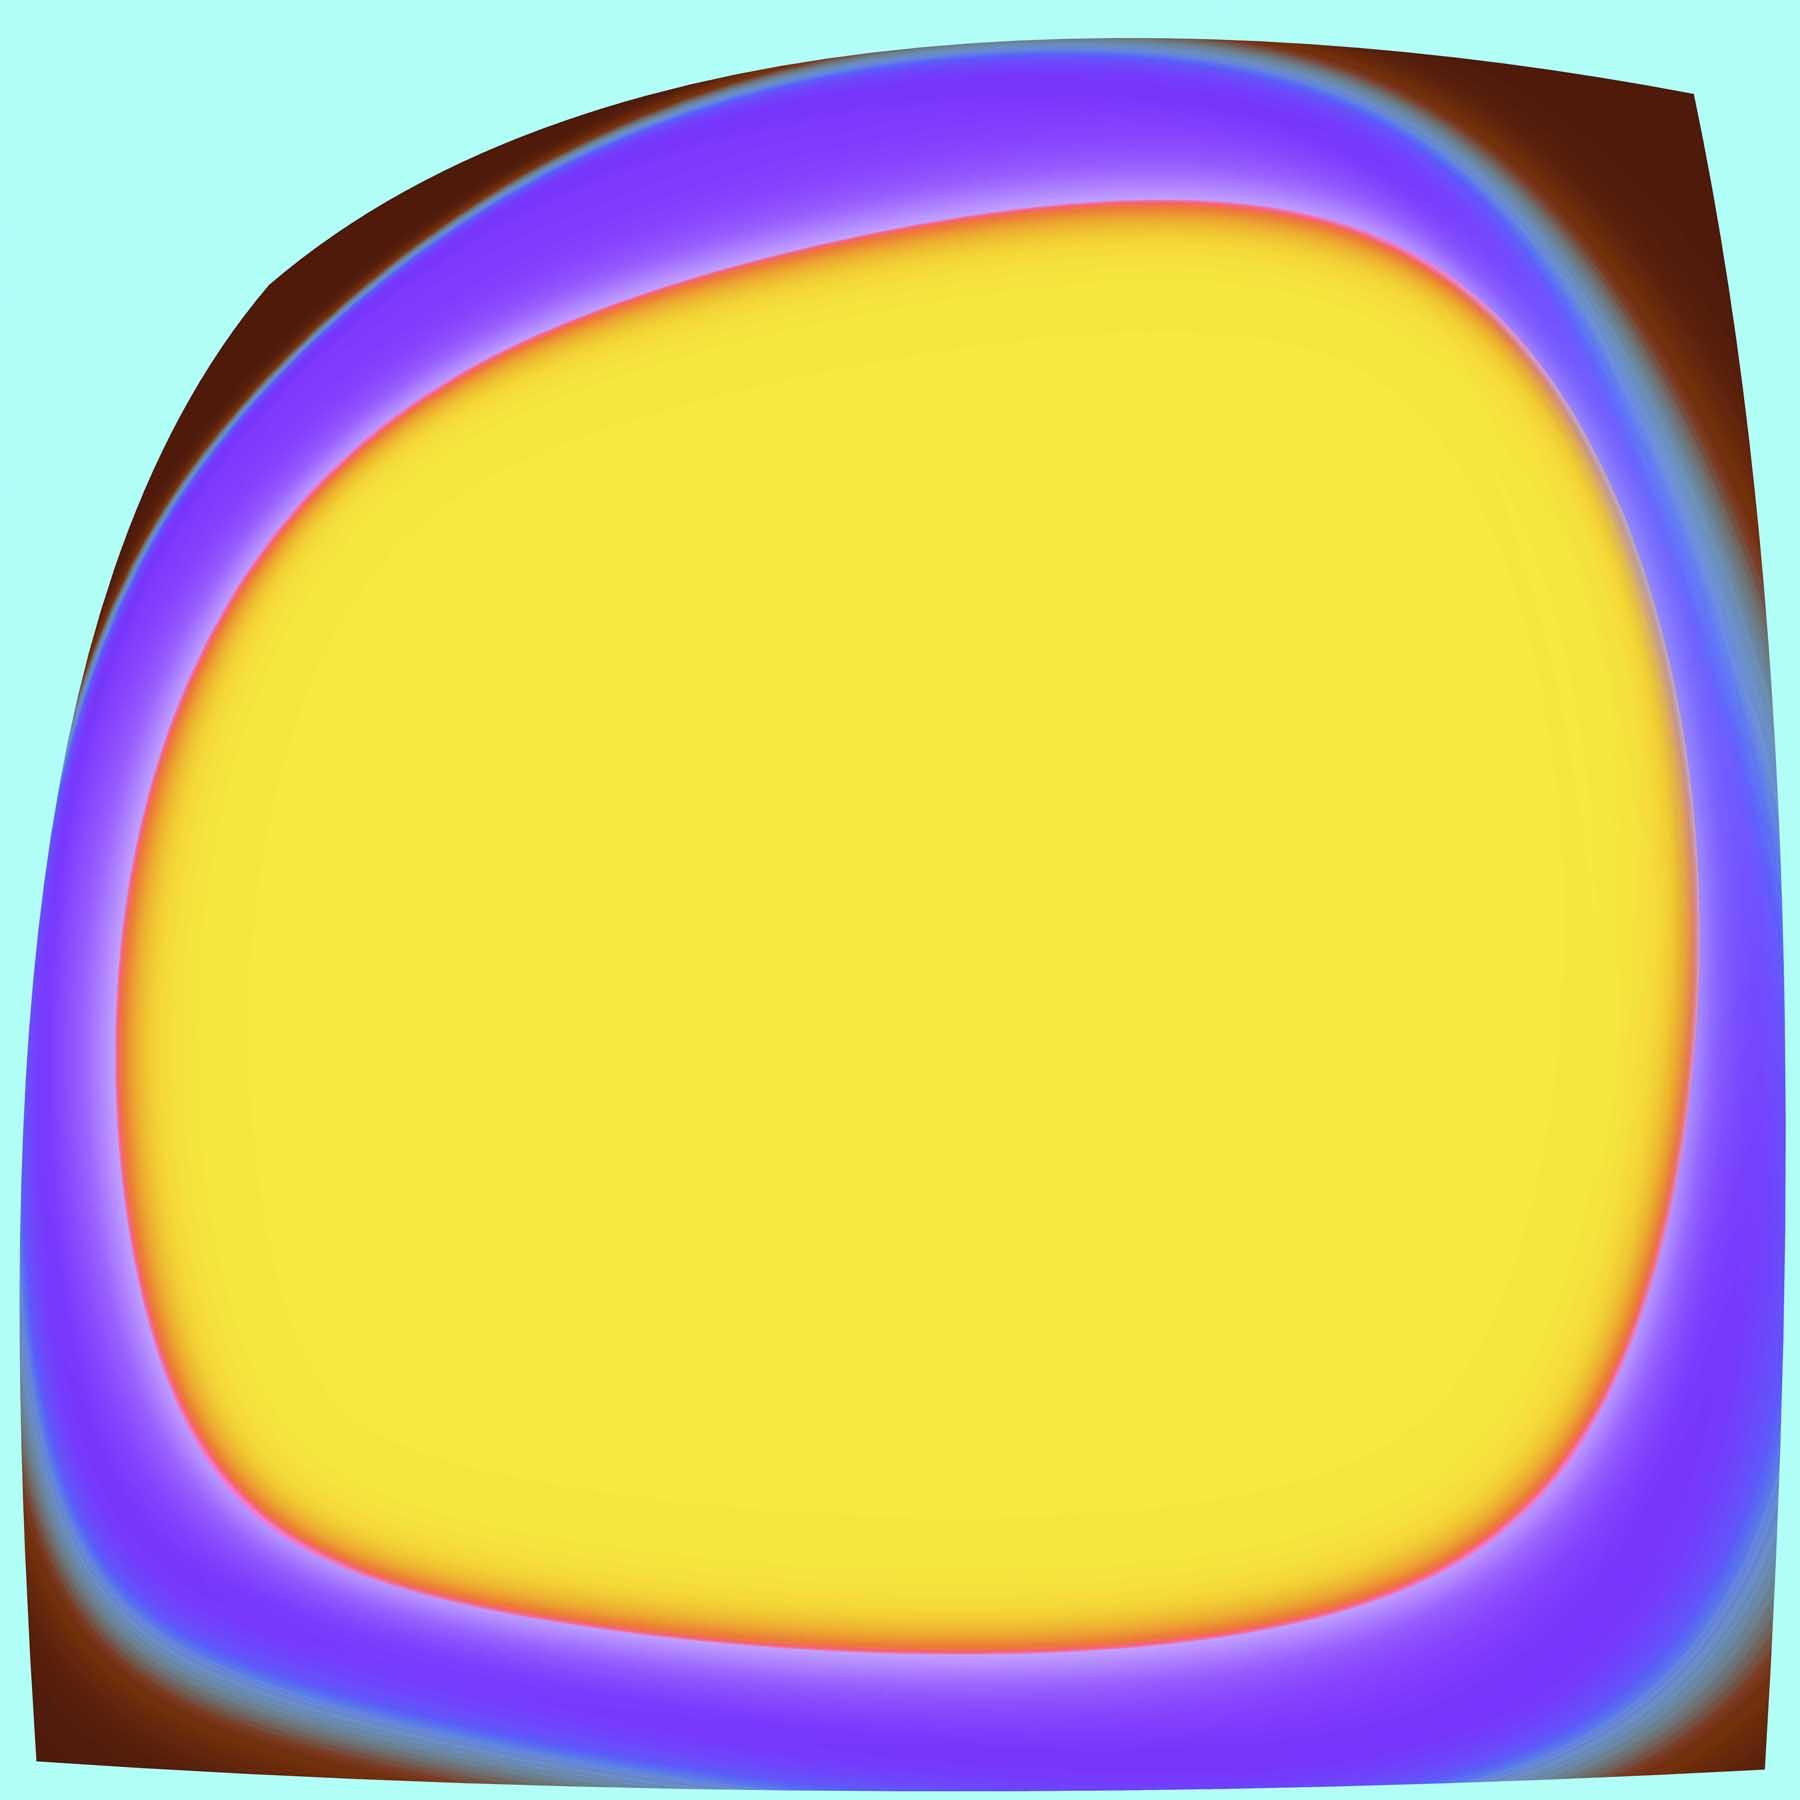 Thomas Leiblein: Round Square